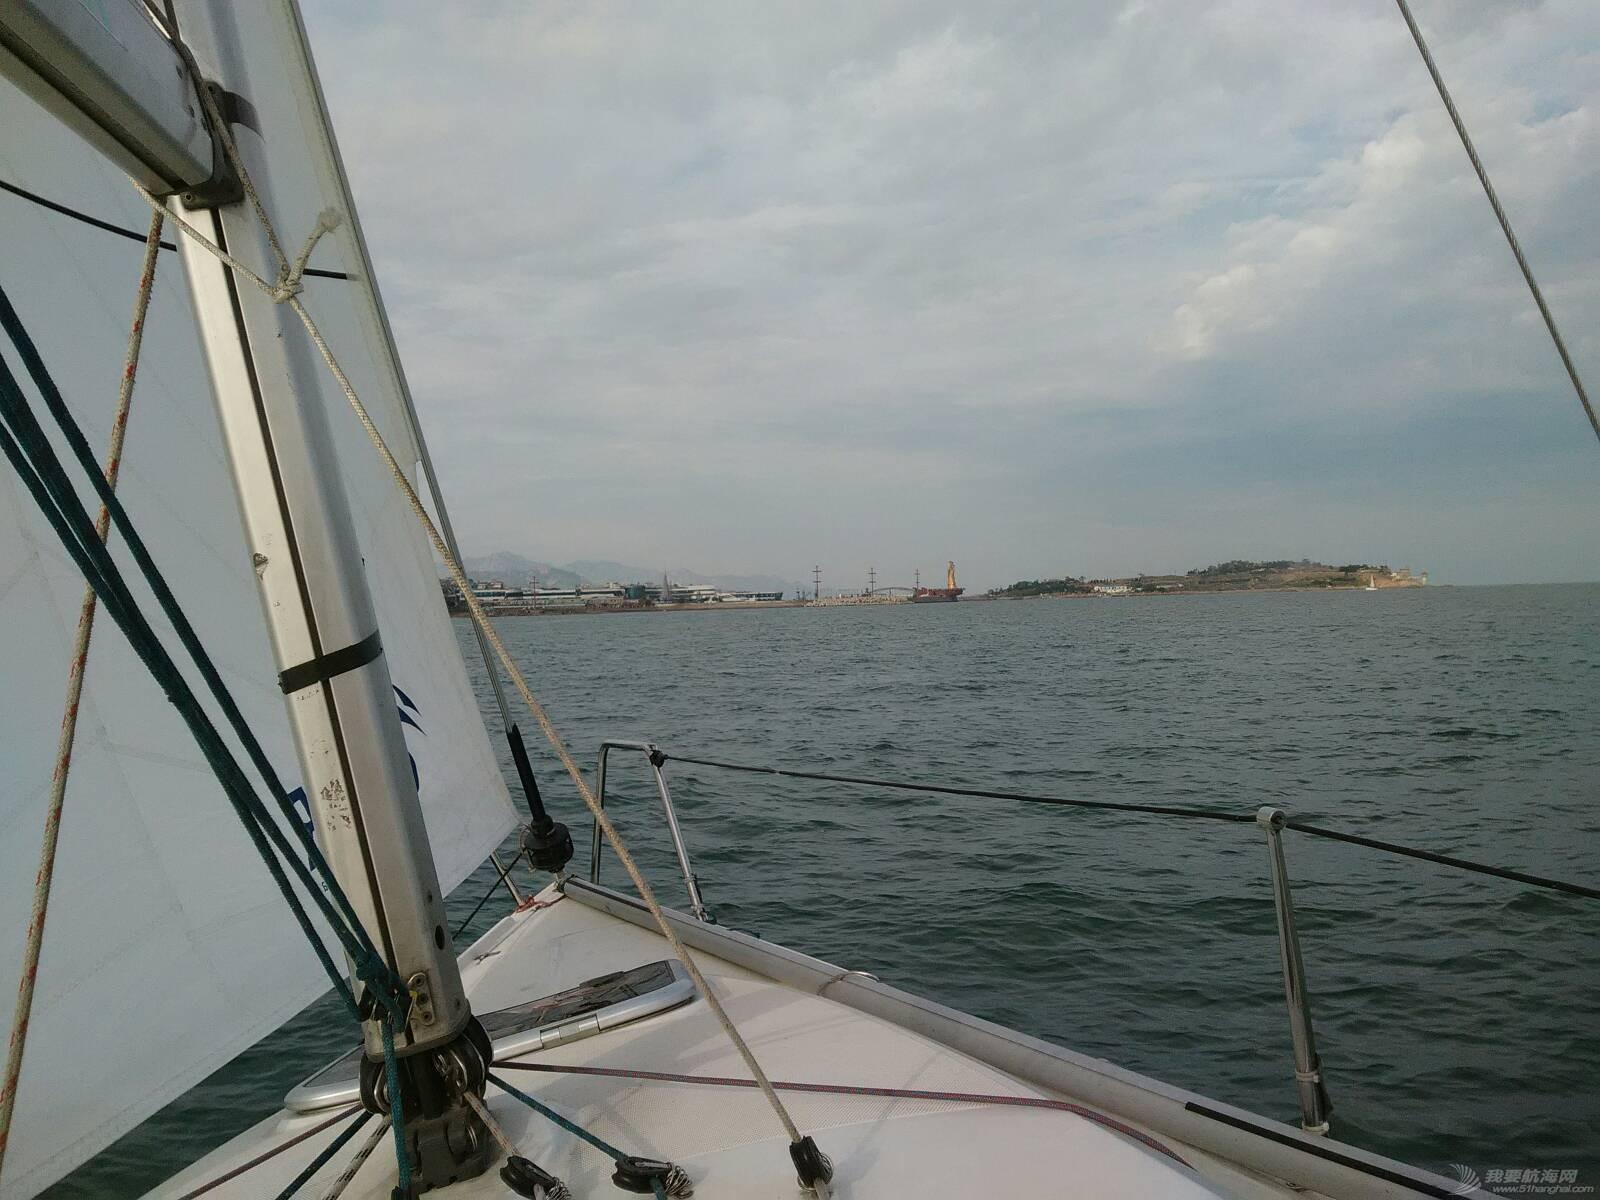 522航海活动 184746n7hb94bcmepbeb4p.jpg